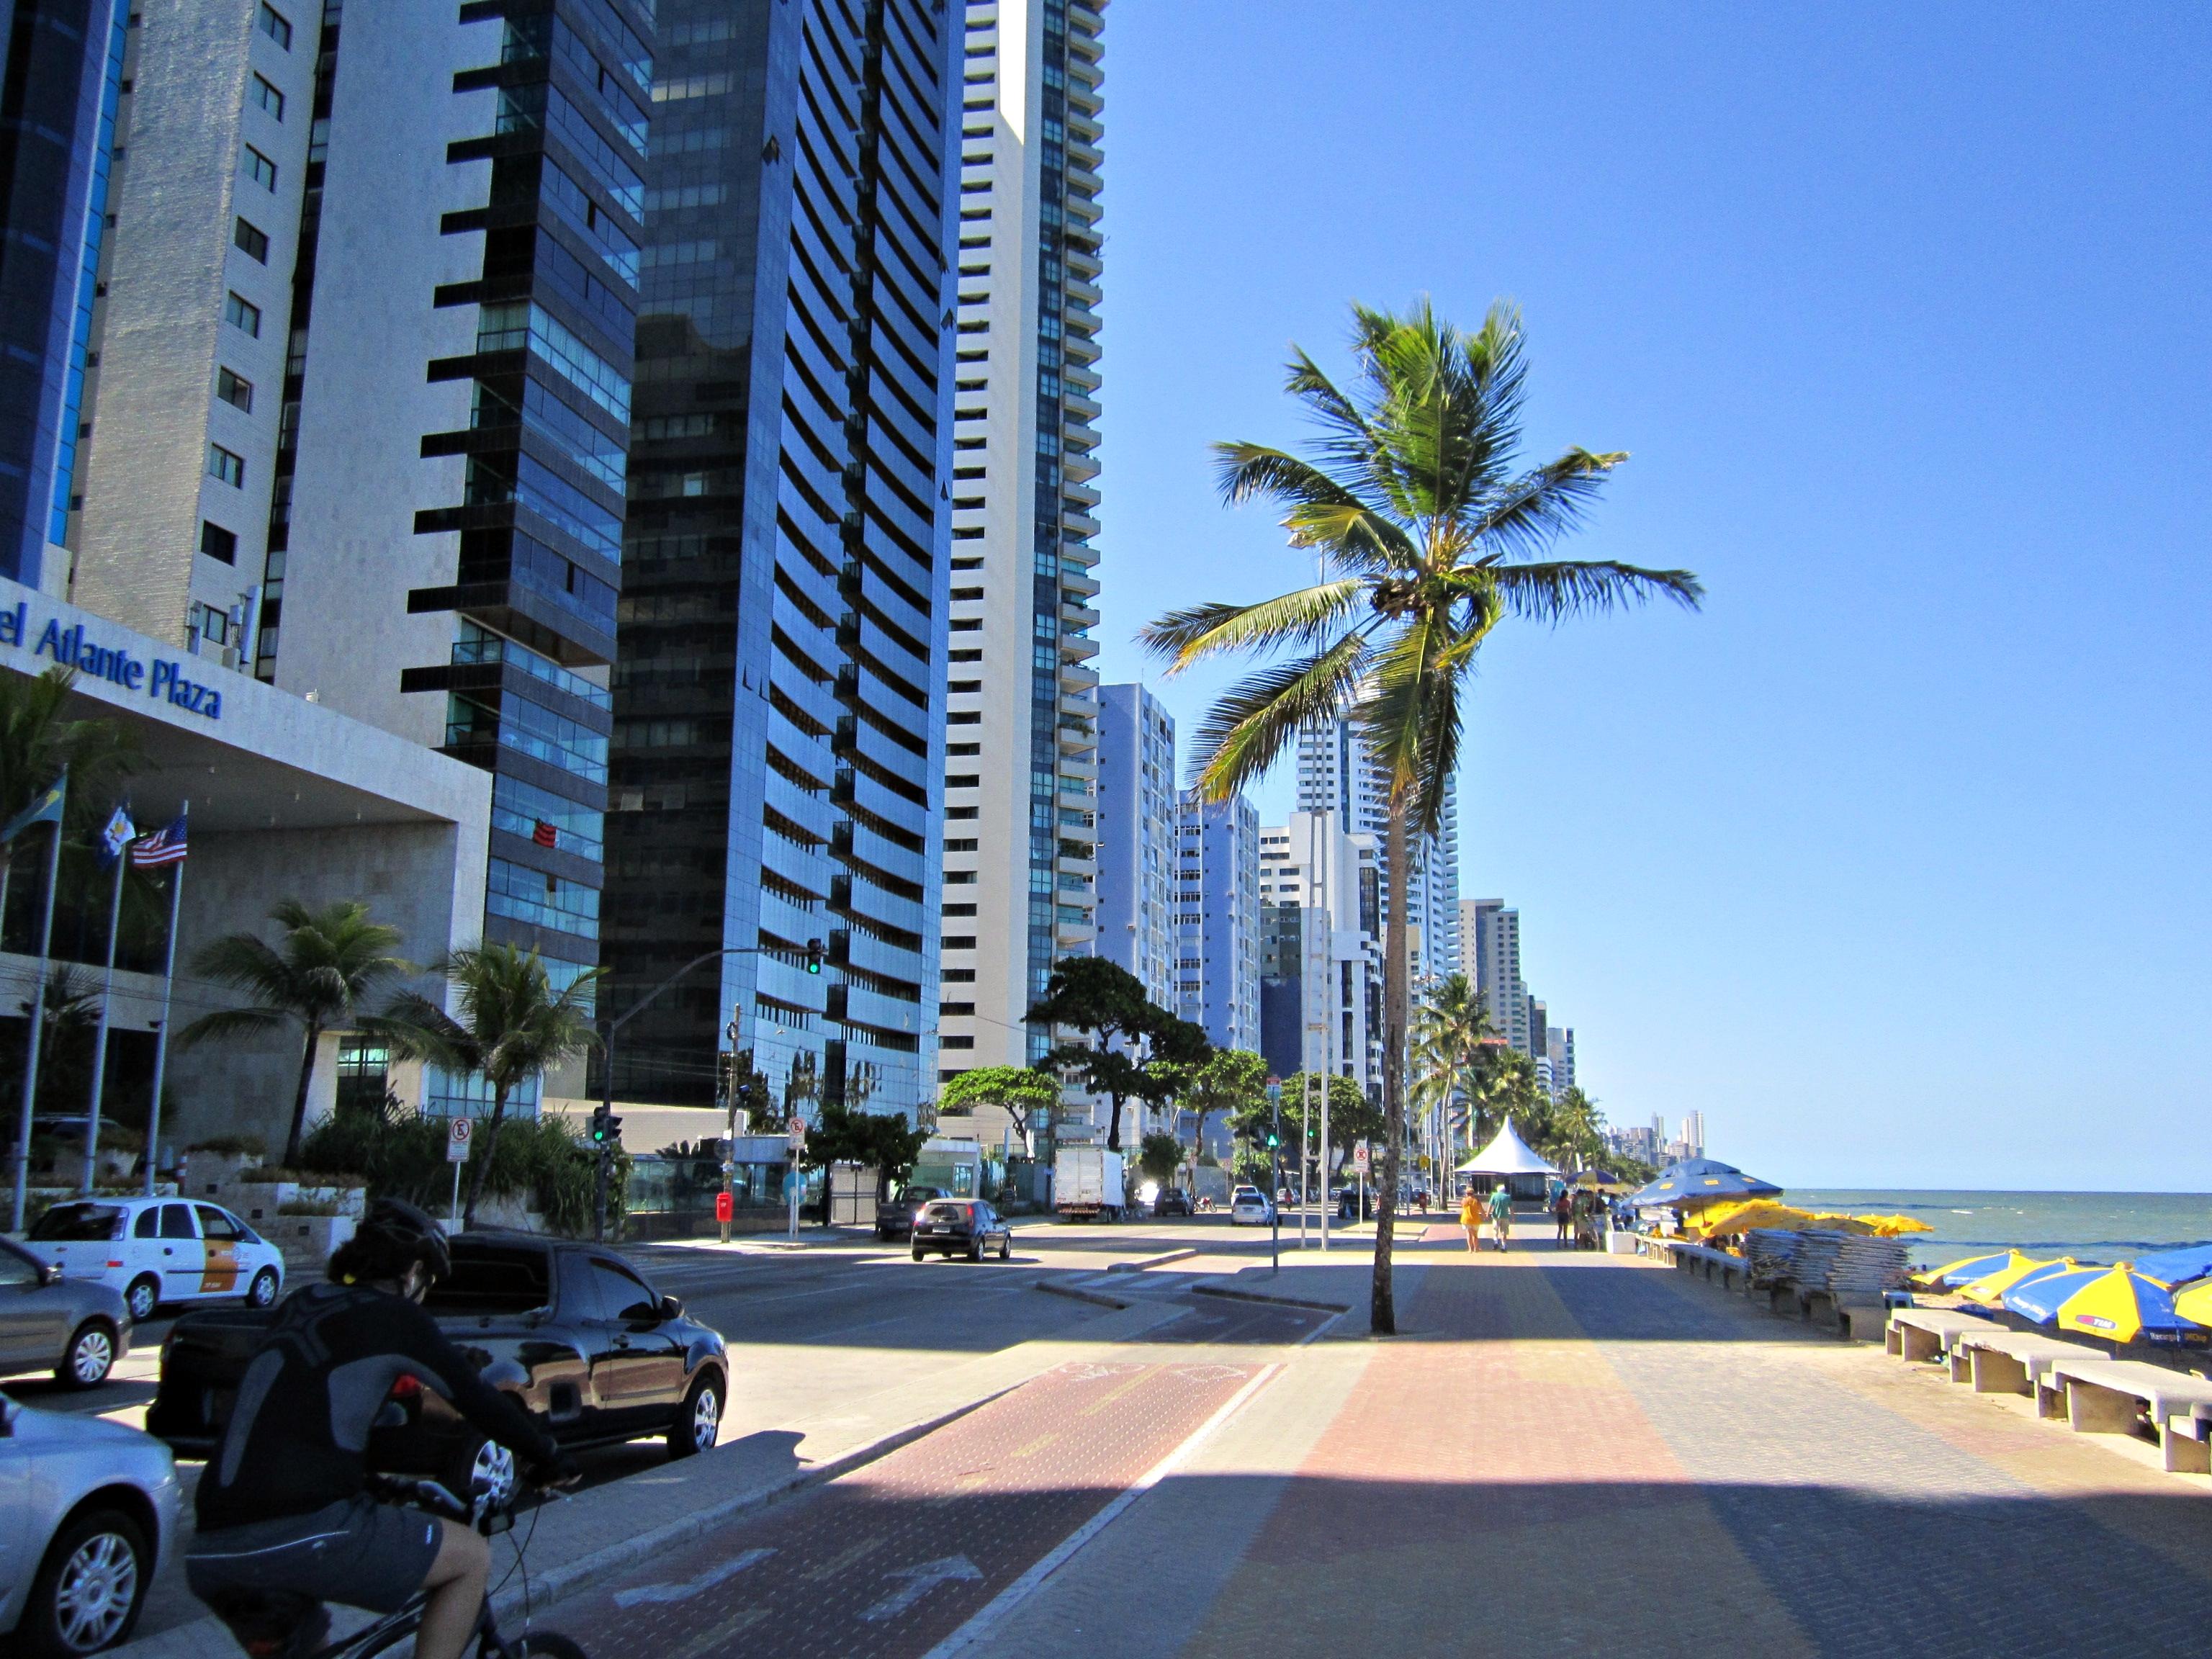 Populares Ficheiro:Calçadão e ciclovia da Praia de Boa Viagem - Recife  LM02